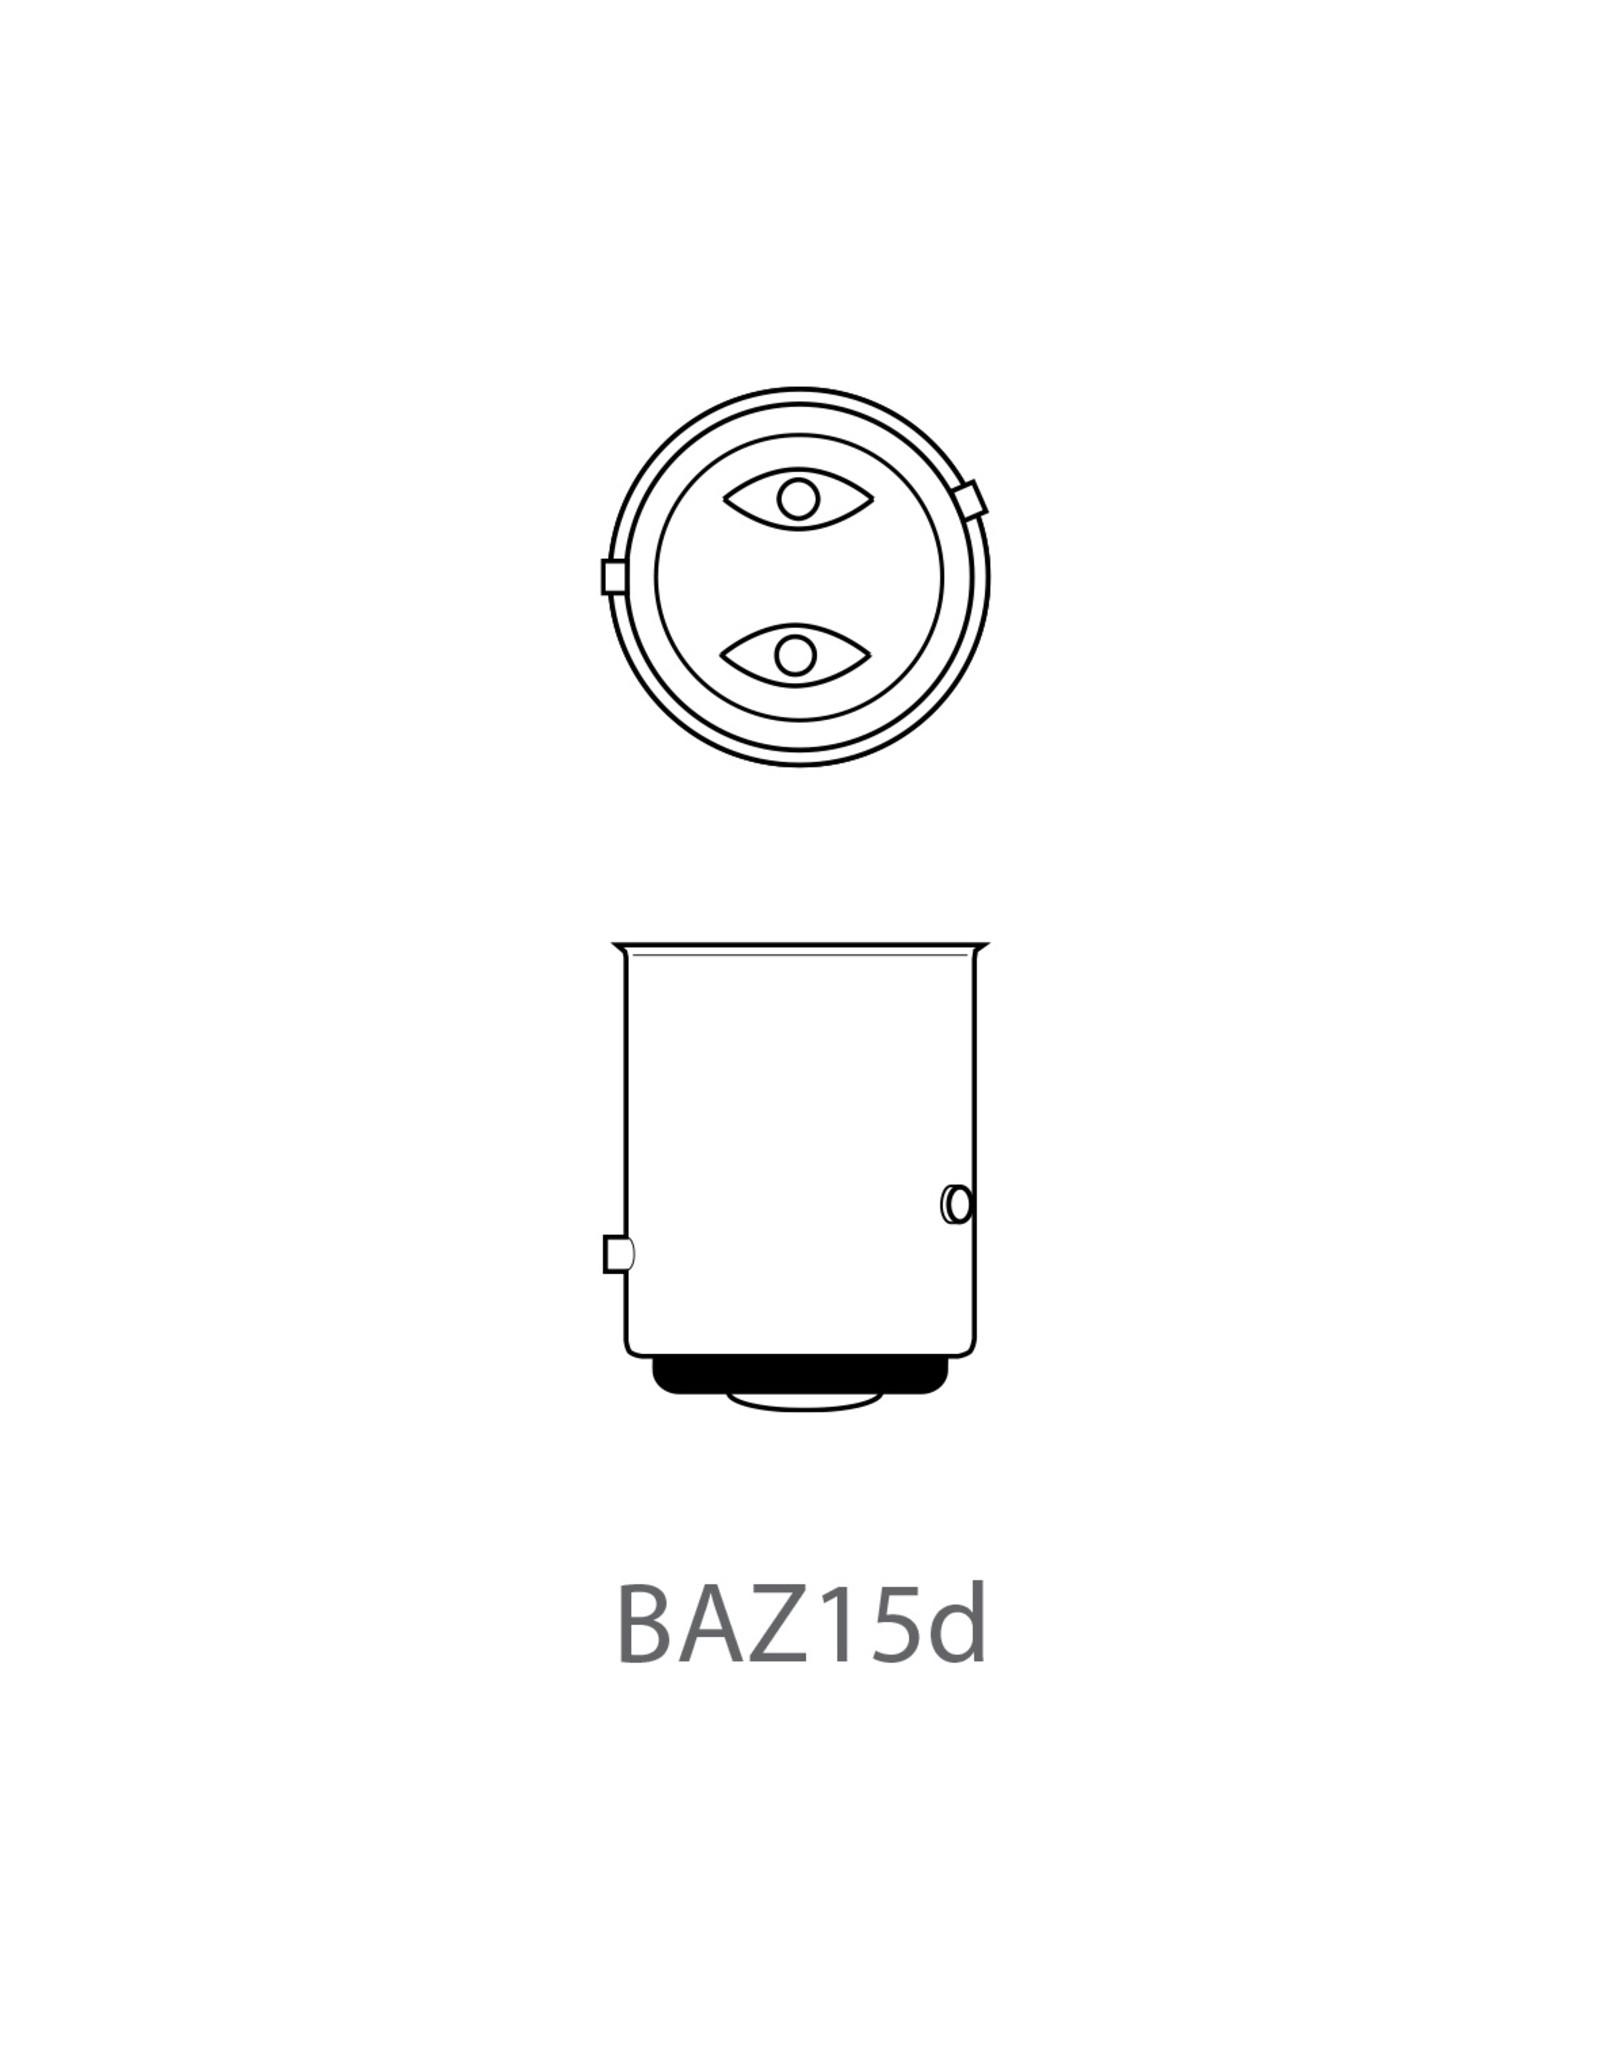 Autolamp 12V 21/4W BAZ15d 2x